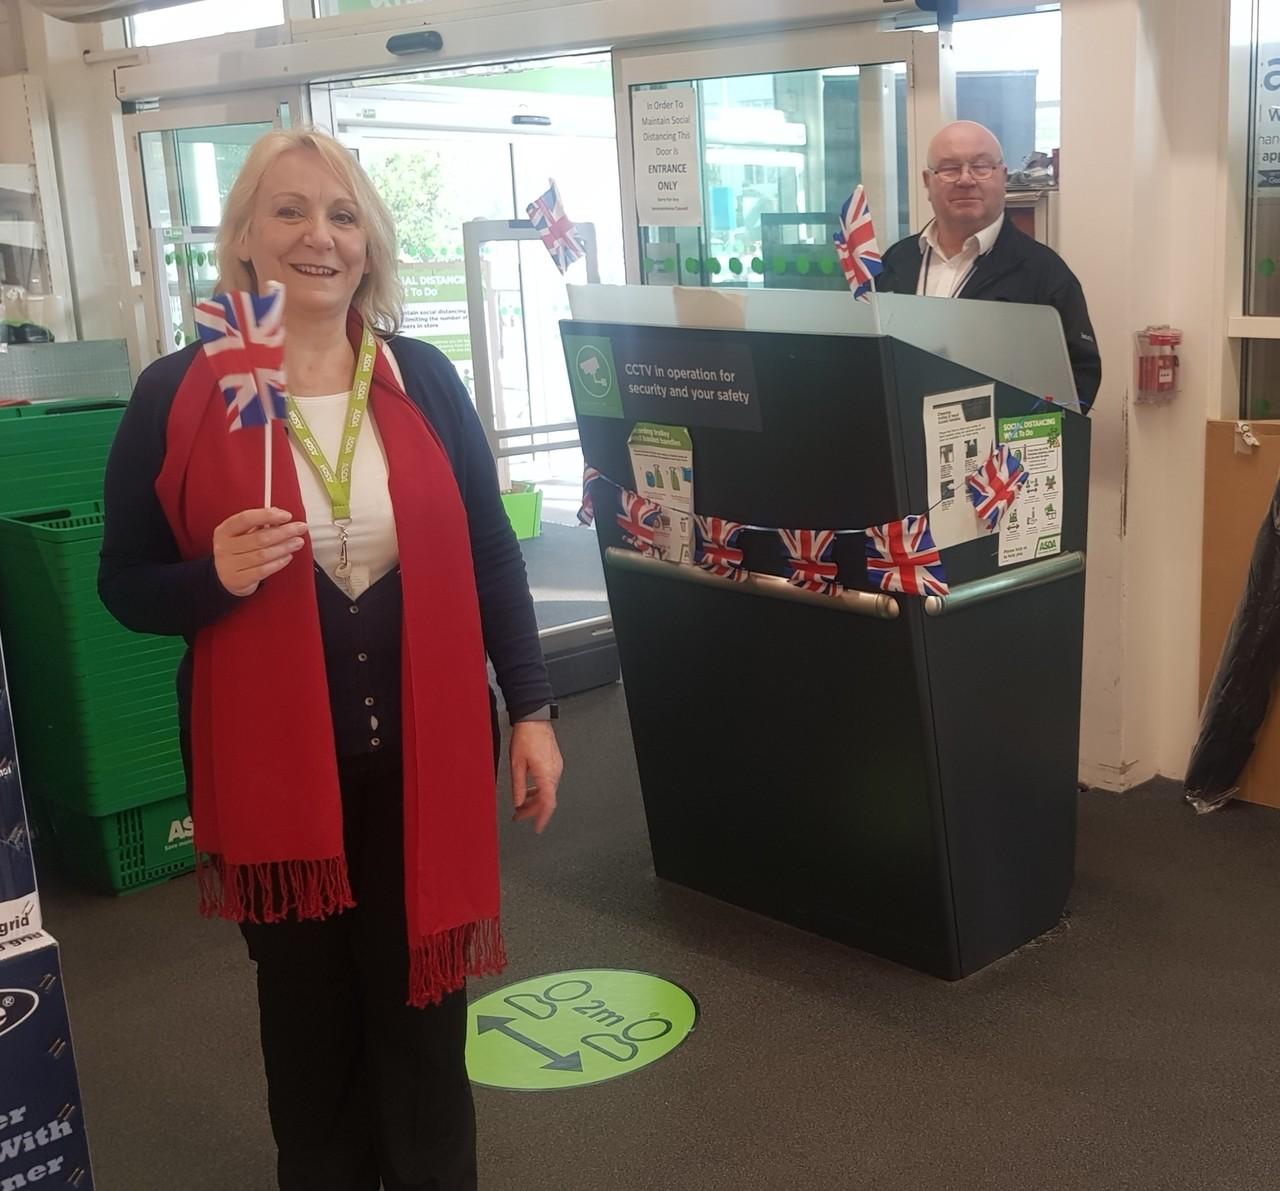 VE Day celebrations | Asda Cheltenham